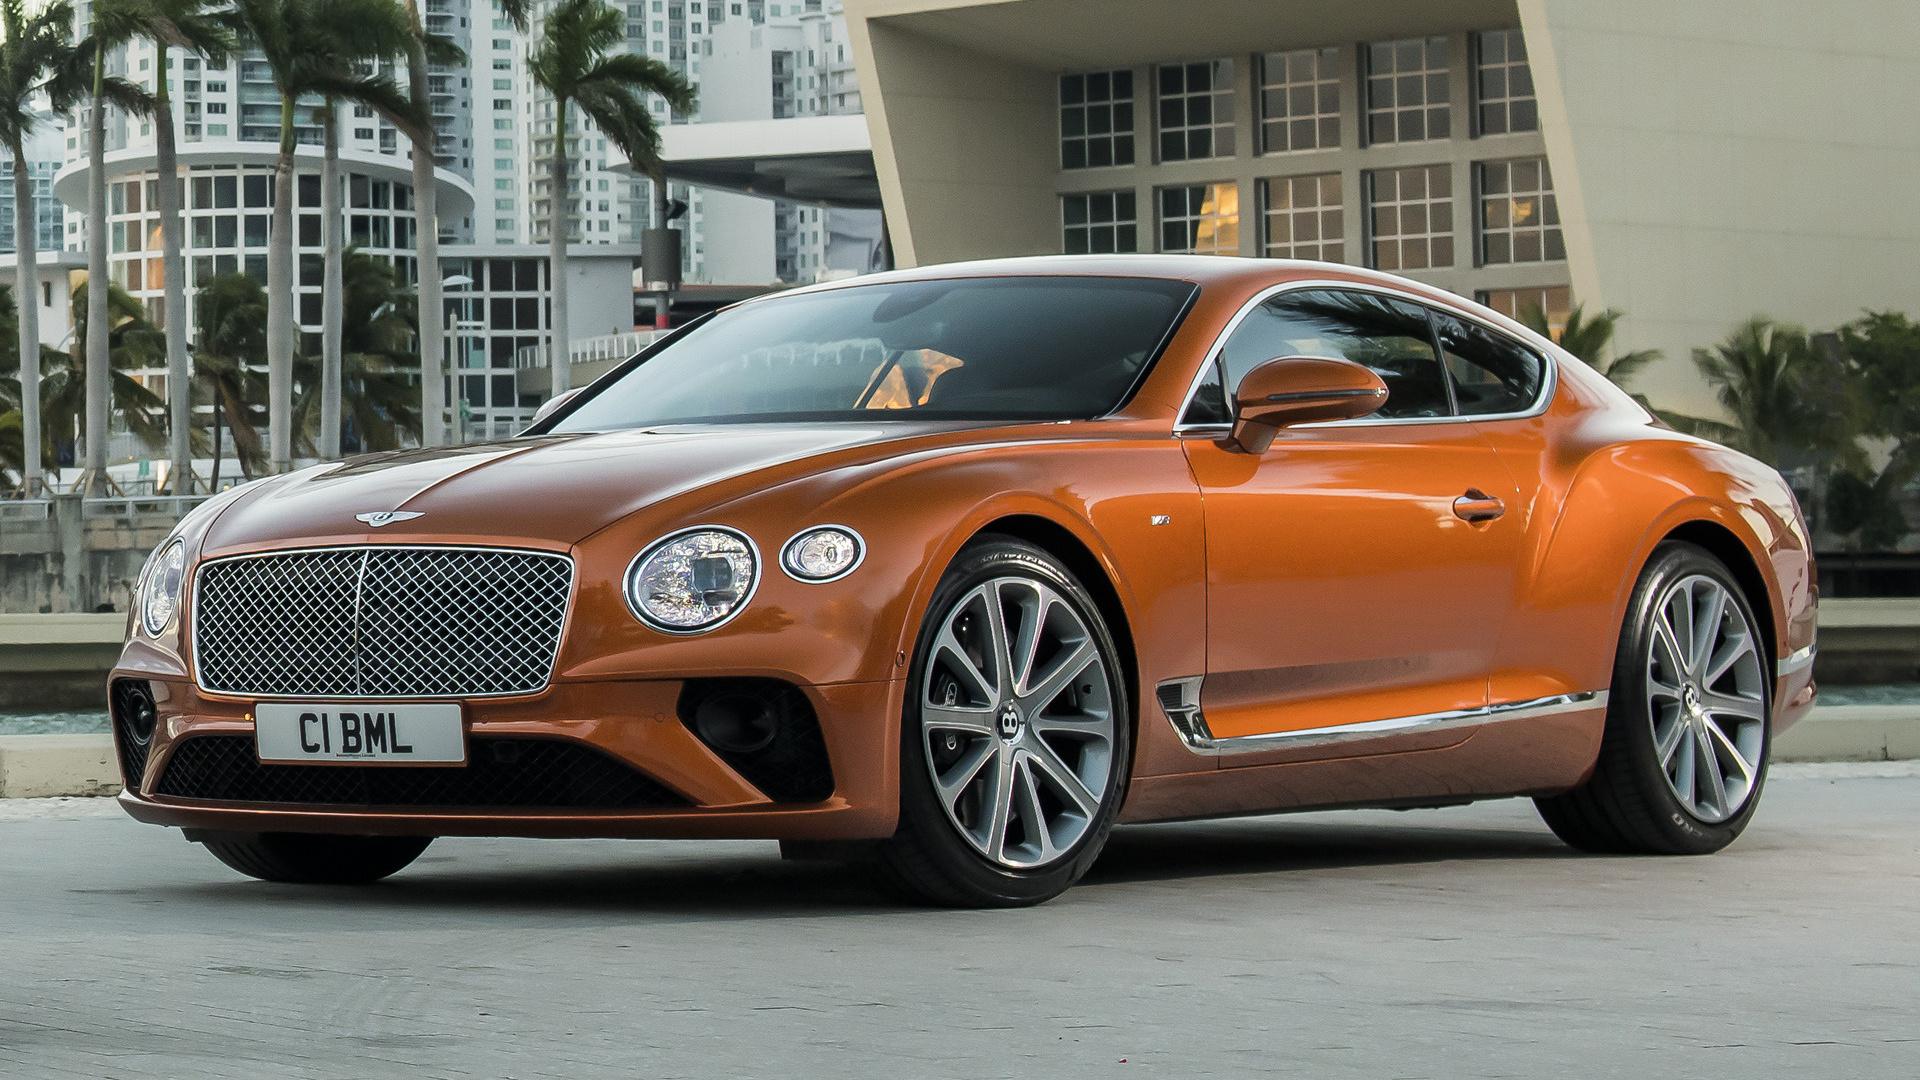 Bentley Continental Gt V Wallpaper Hd